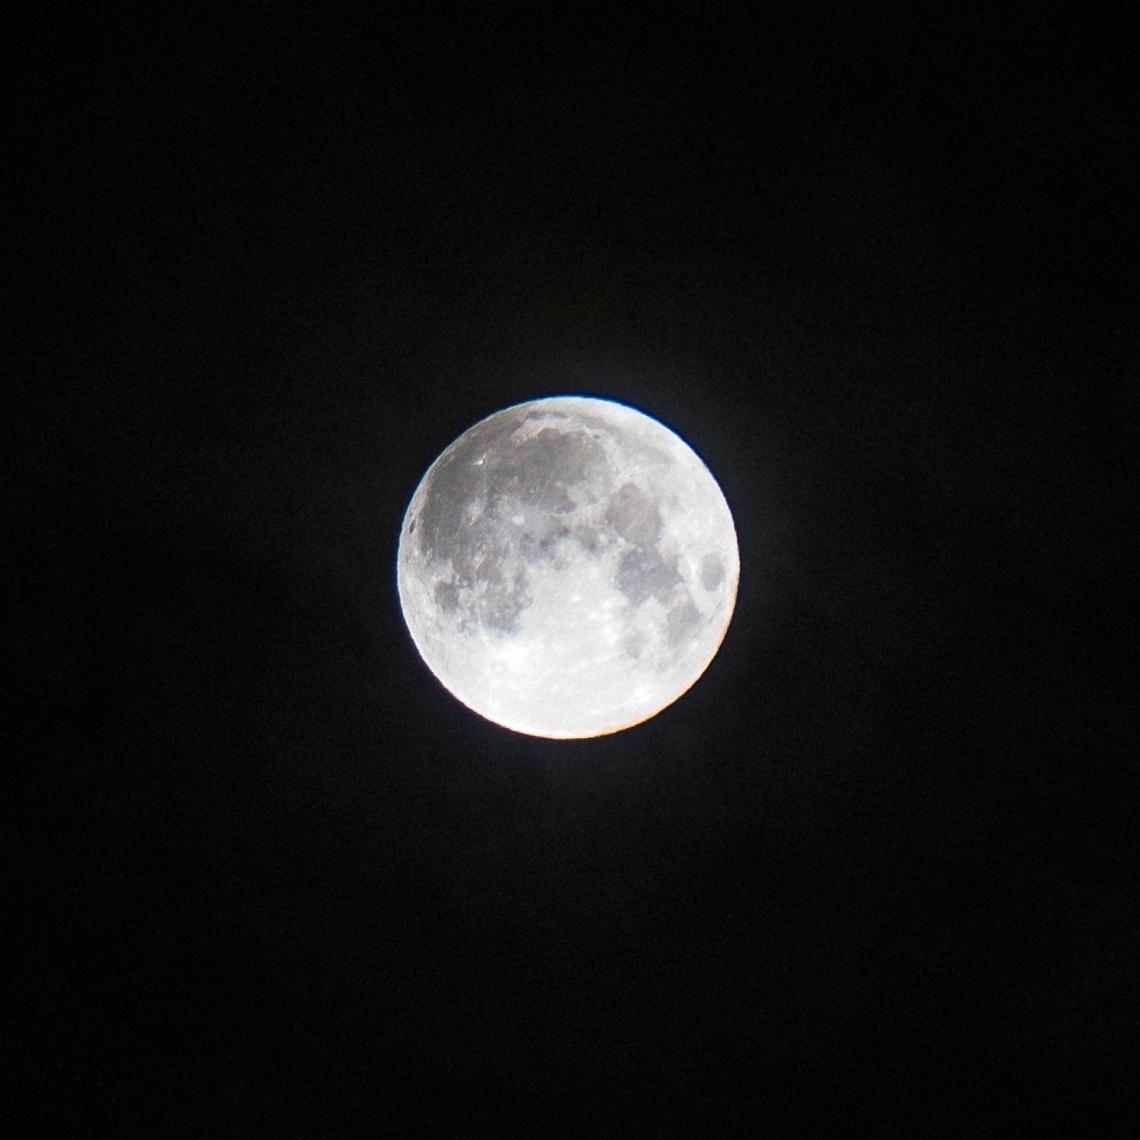 DSC04375-lunar-00